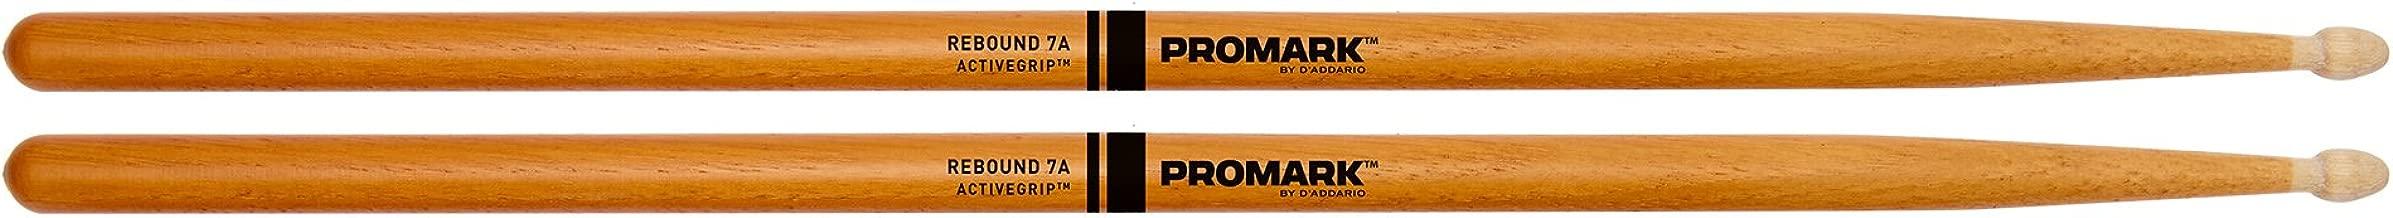 Promark ActiveGrip Rebound 7A Drumsticks, Acorn Tip, Clear (R7AAGC)